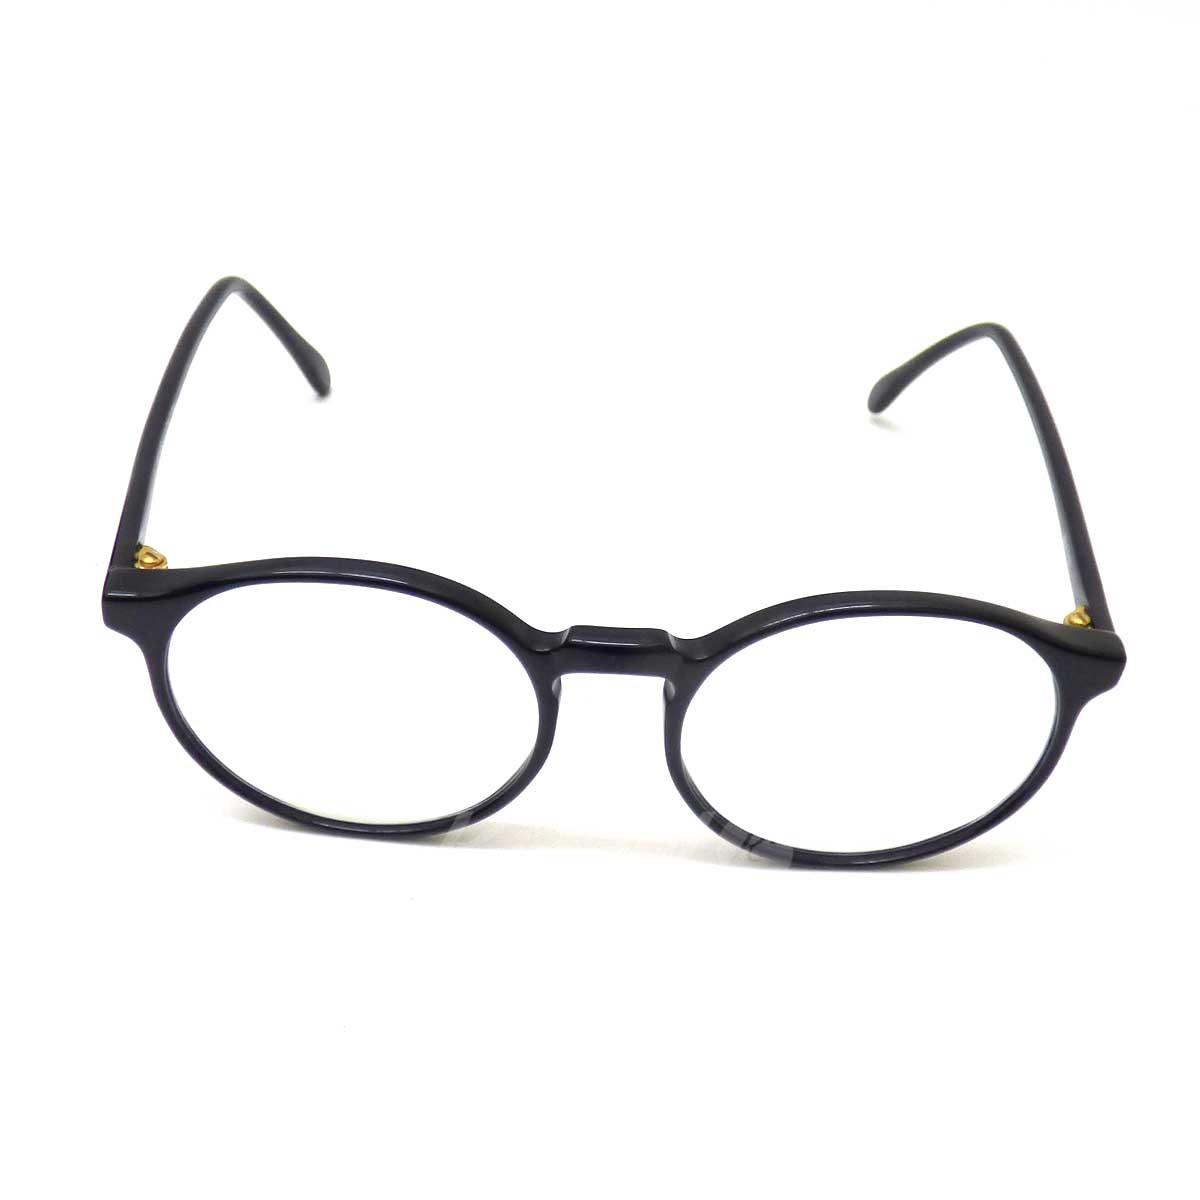 【中古】CUTLER AND GROSS Mod 0362 プラスティック眼鏡 ブラック 【送料無料】 【010219】(カトラーアンドグロス)